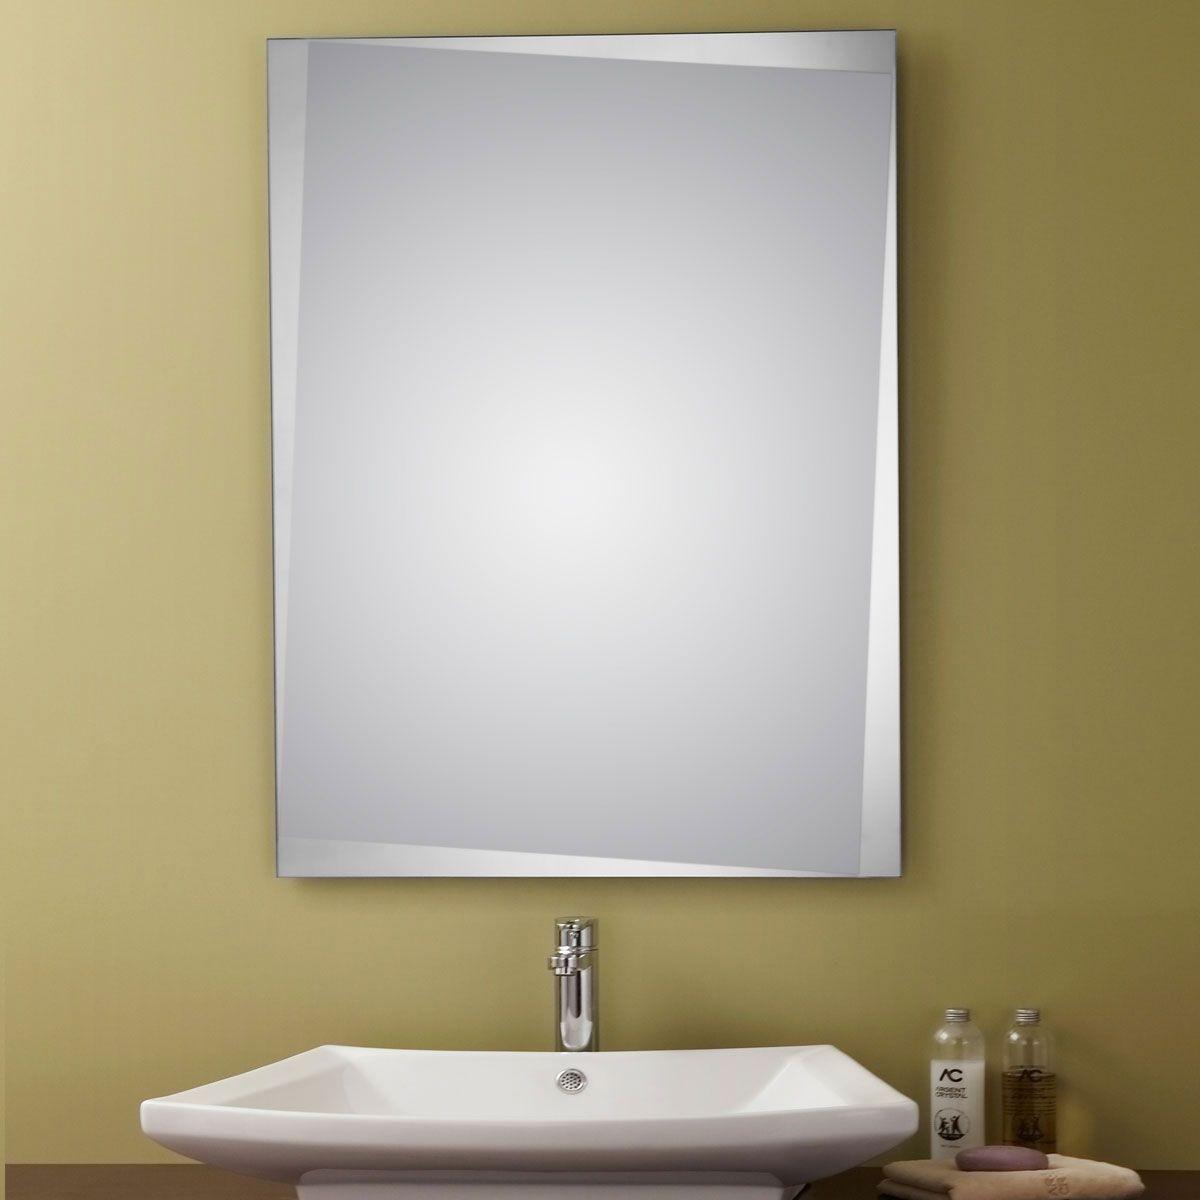 24 x 32 po miroir argent sans cadre de salle de bains for Miroir salle de bain cadre noir